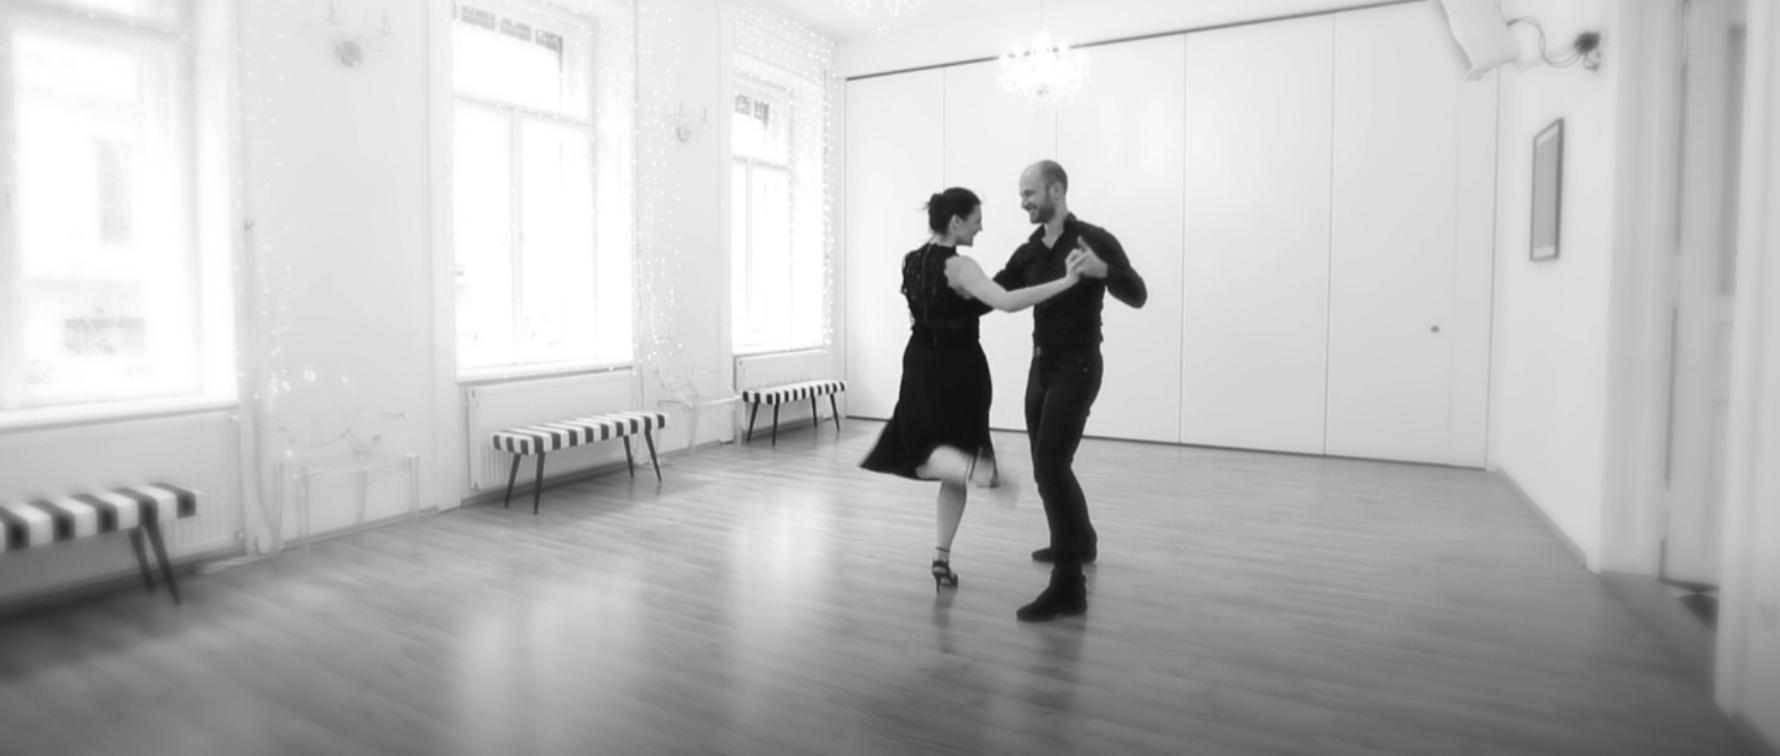 DUNA TV-n a Divat és dizájn műsorban Vágó Réka cipőtervezővel tangózunk. Az interjút és a táncot megnézheted  itt .